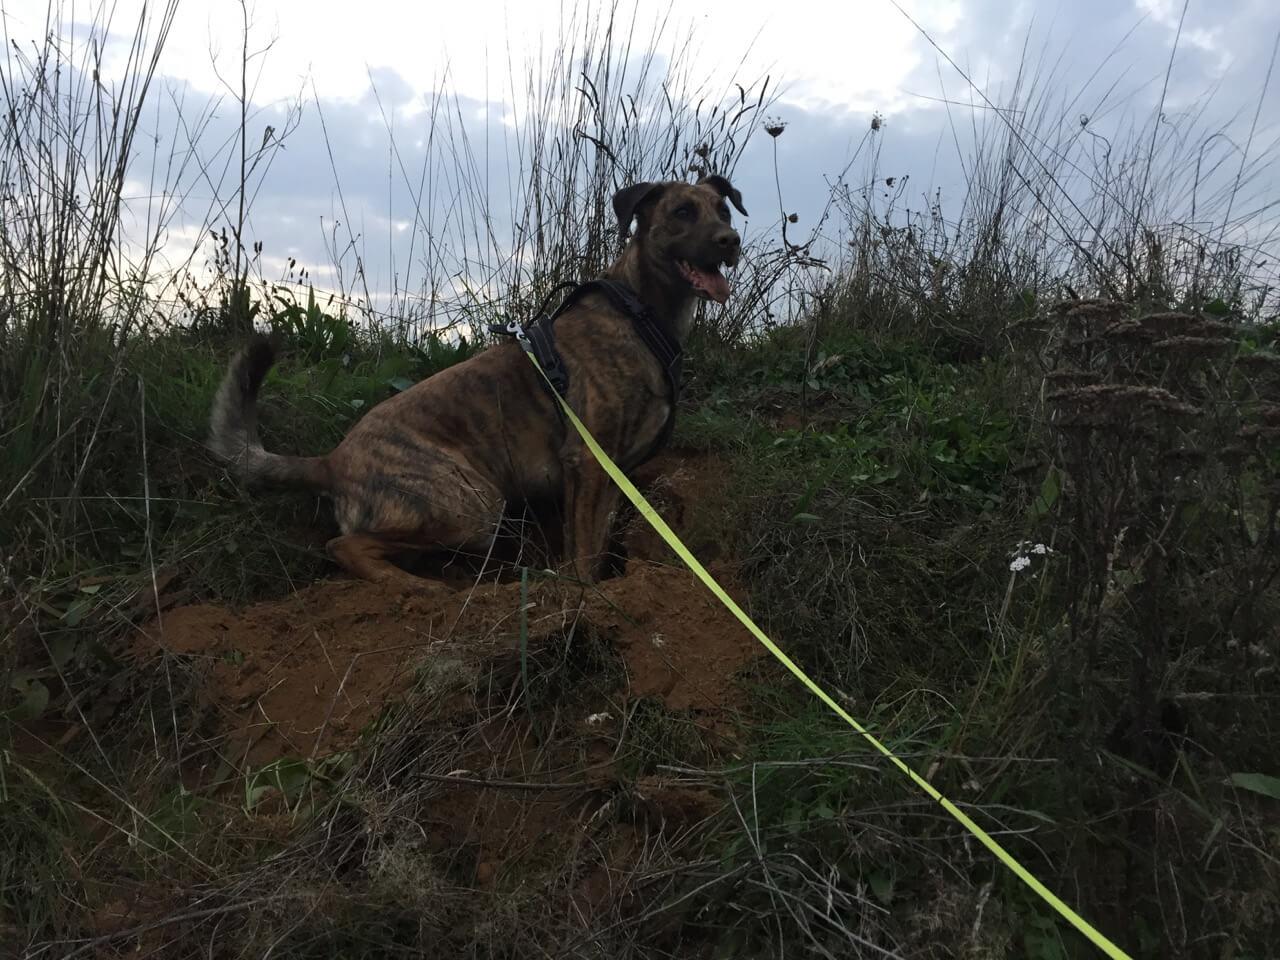 Ein Hund auf einem Hügel an einer neongelben Flexileine Giant Professional